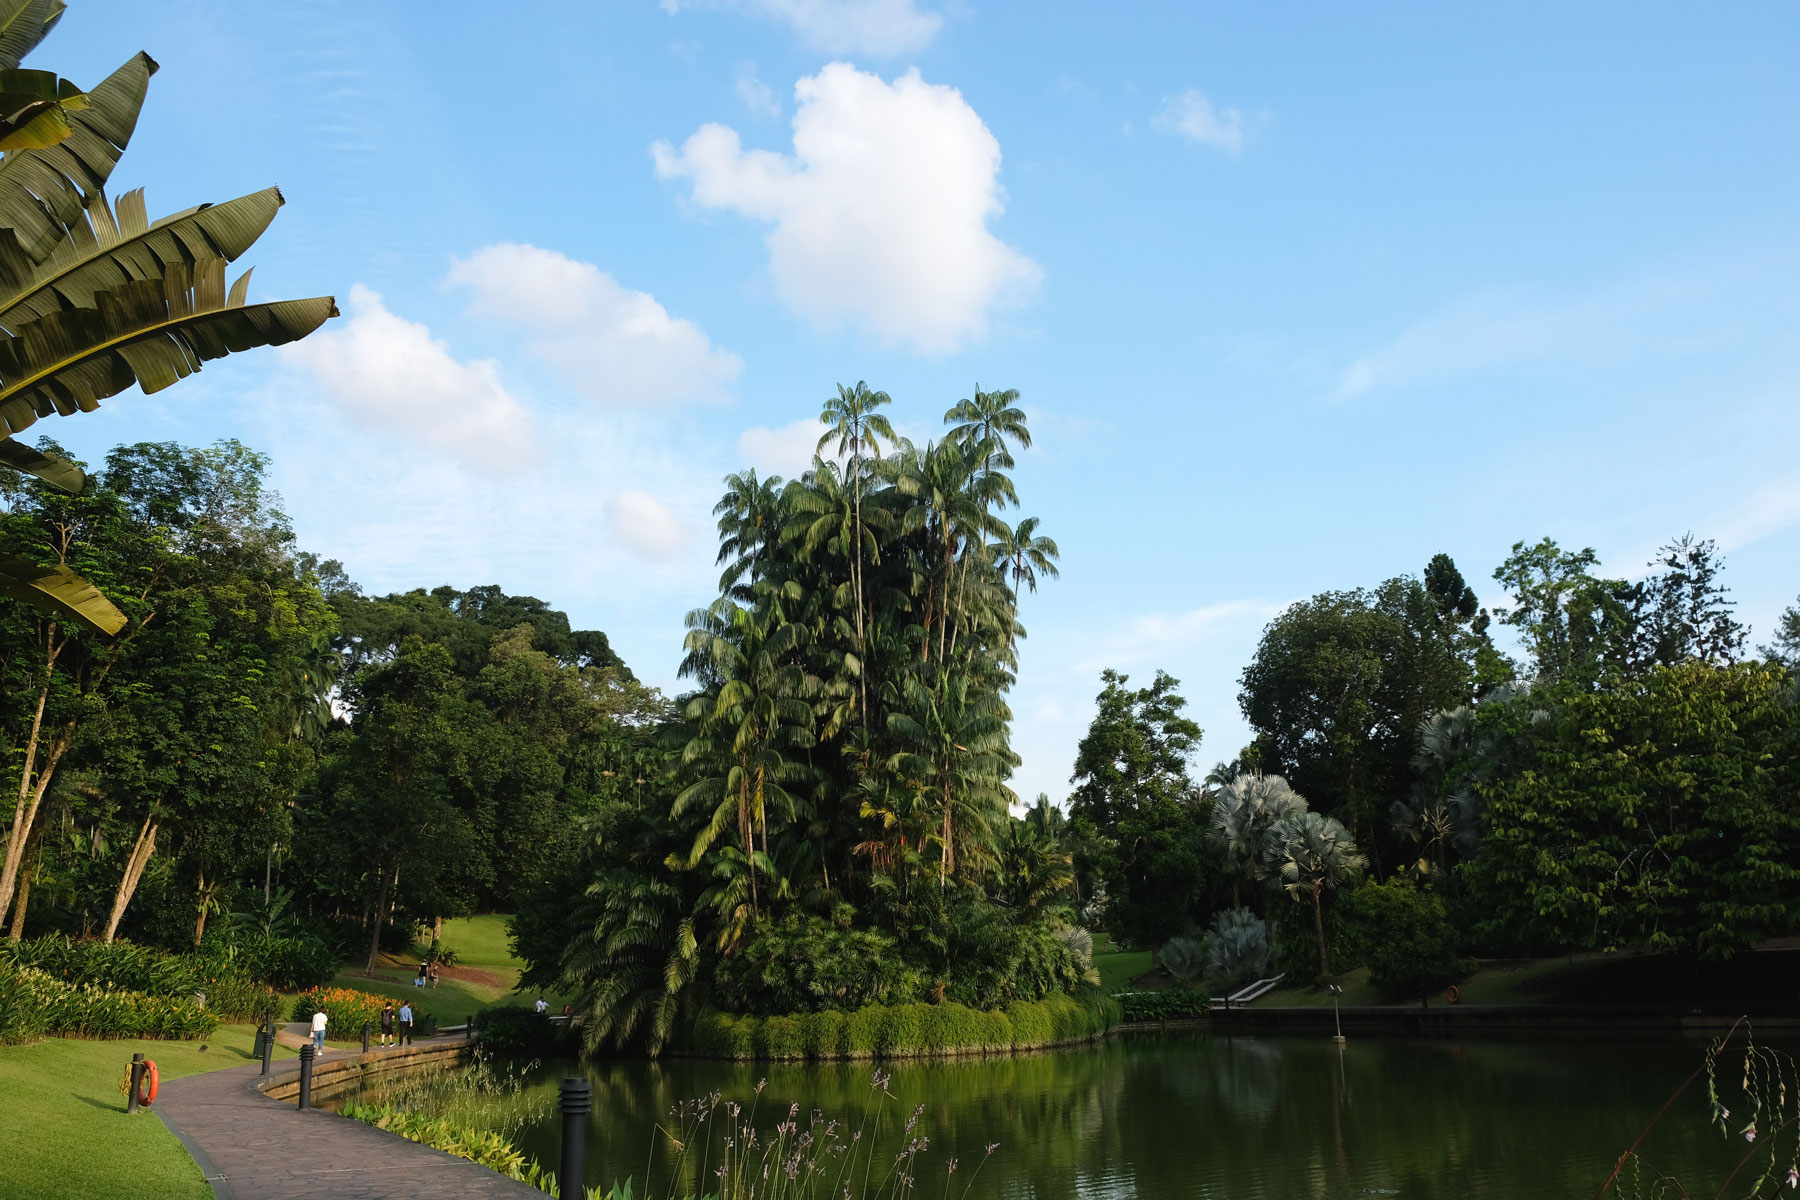 Eine Insel im Botanischen Garten Singapur leuchtet in der Sonne